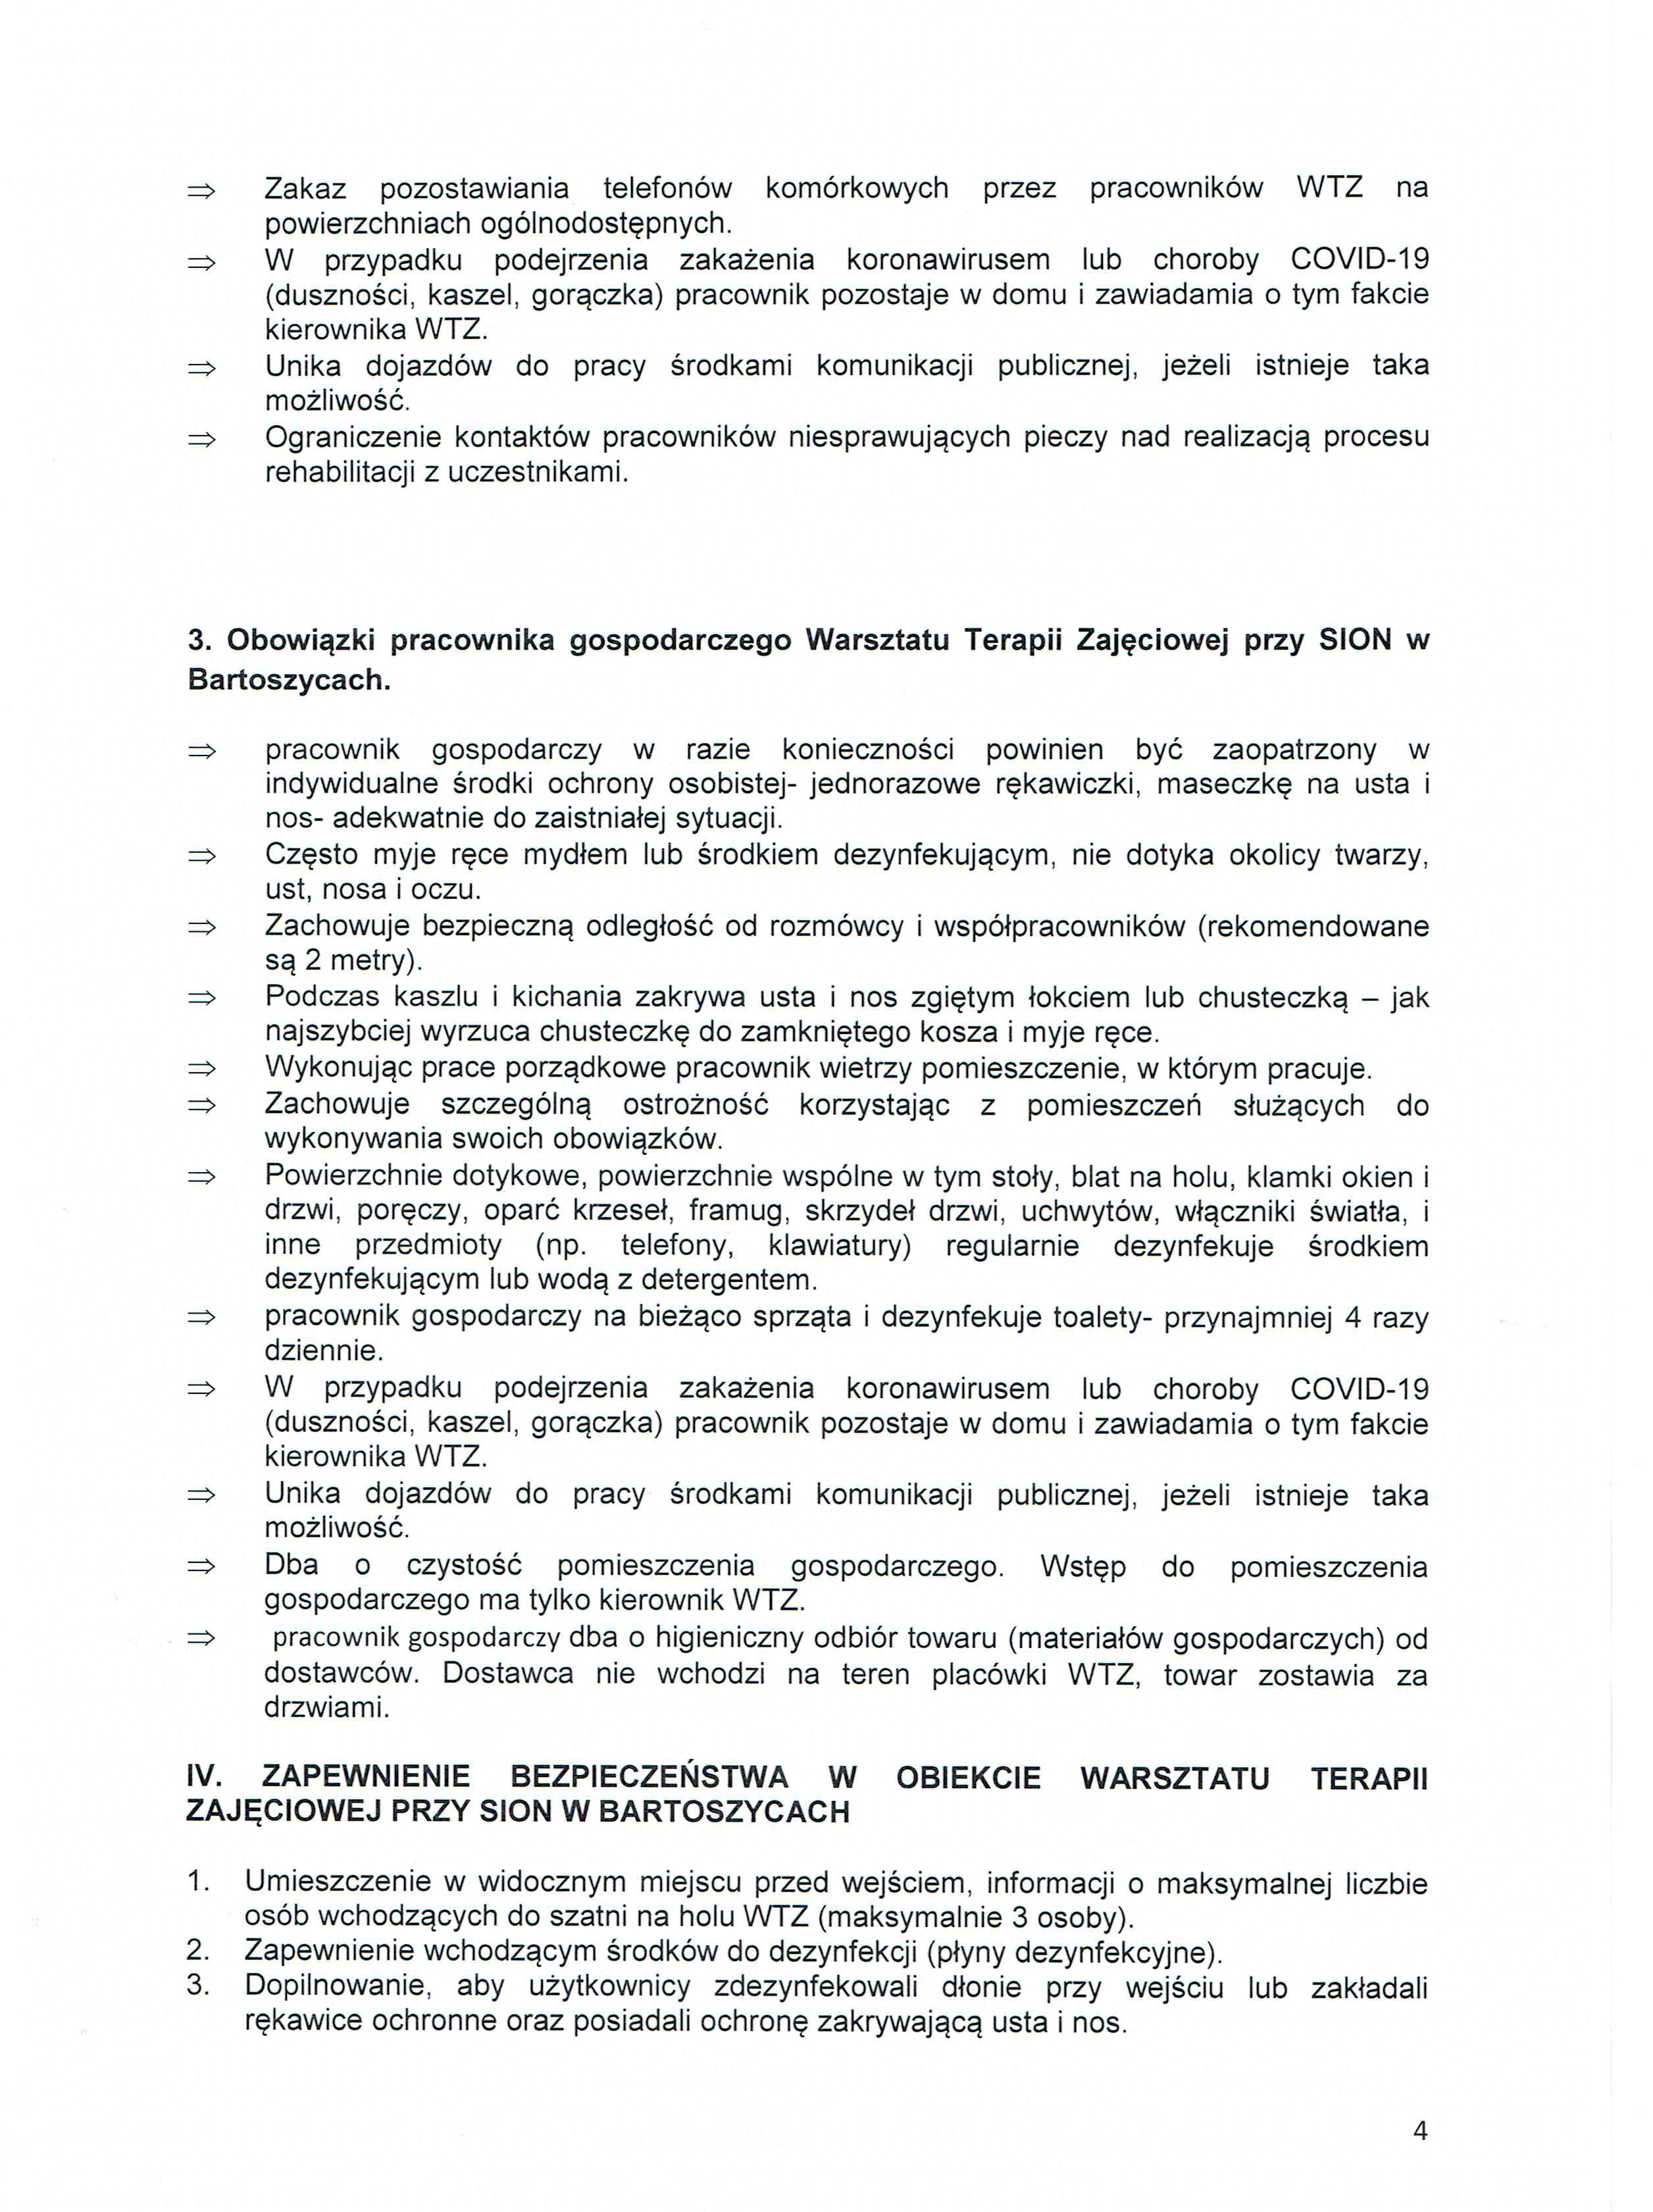 Procedury-postepowania-w-okresie-pandemii-COVID-19-4